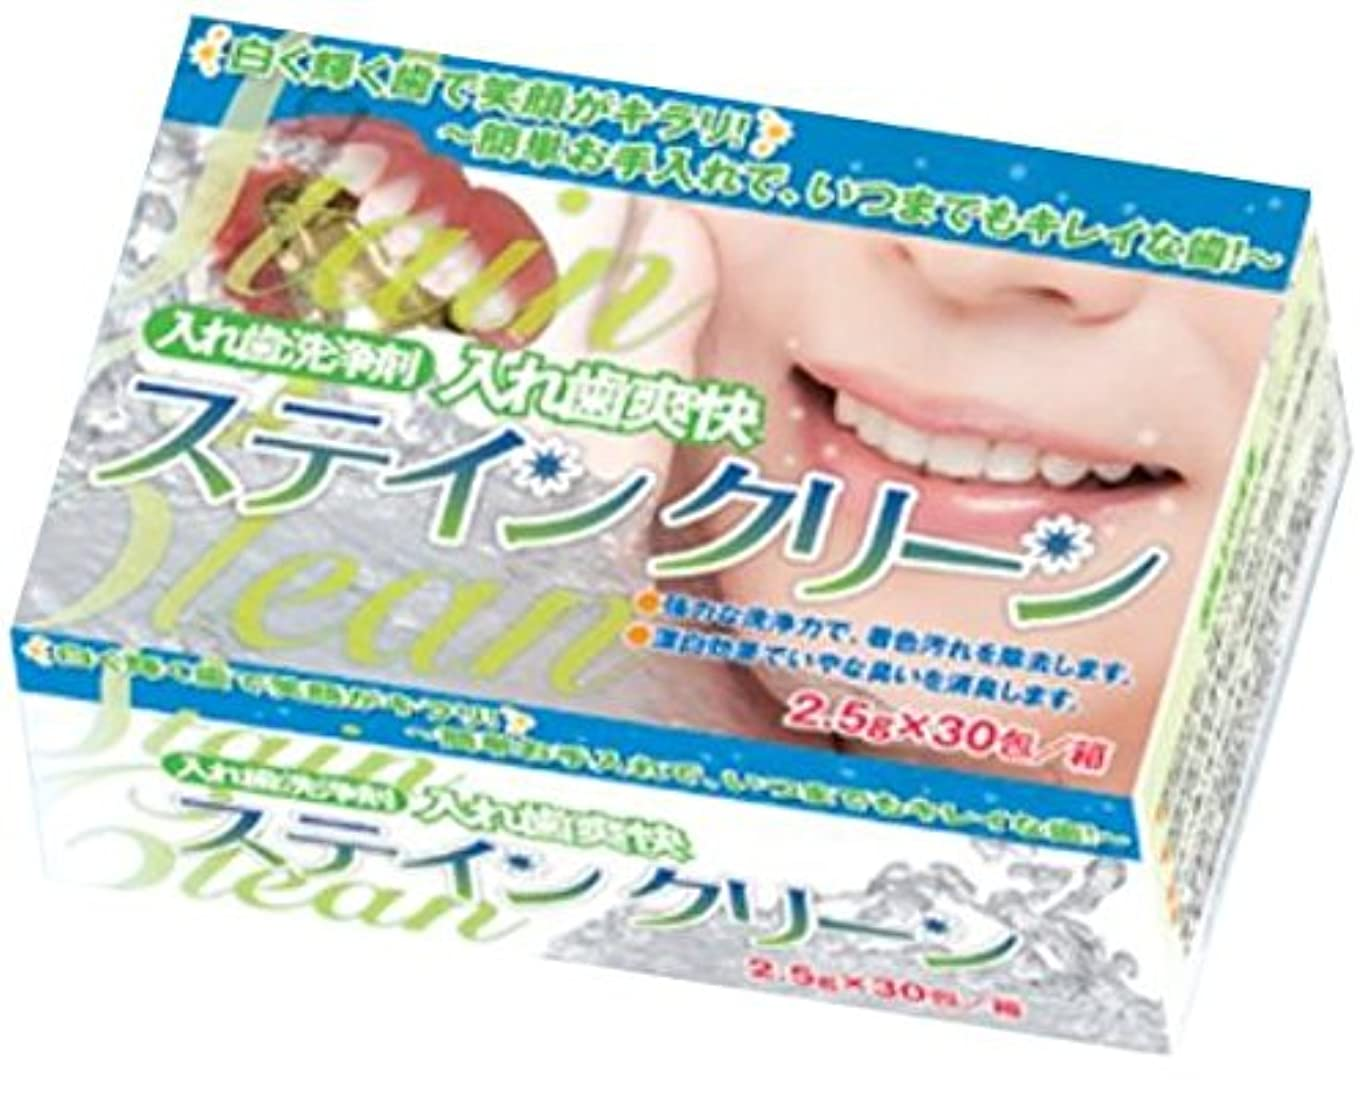 環境ほとんどない戦士入れ歯爽快 ステインクリーン 1箱(2.5g × 30包入り) 歯科医院専売品 (1箱)